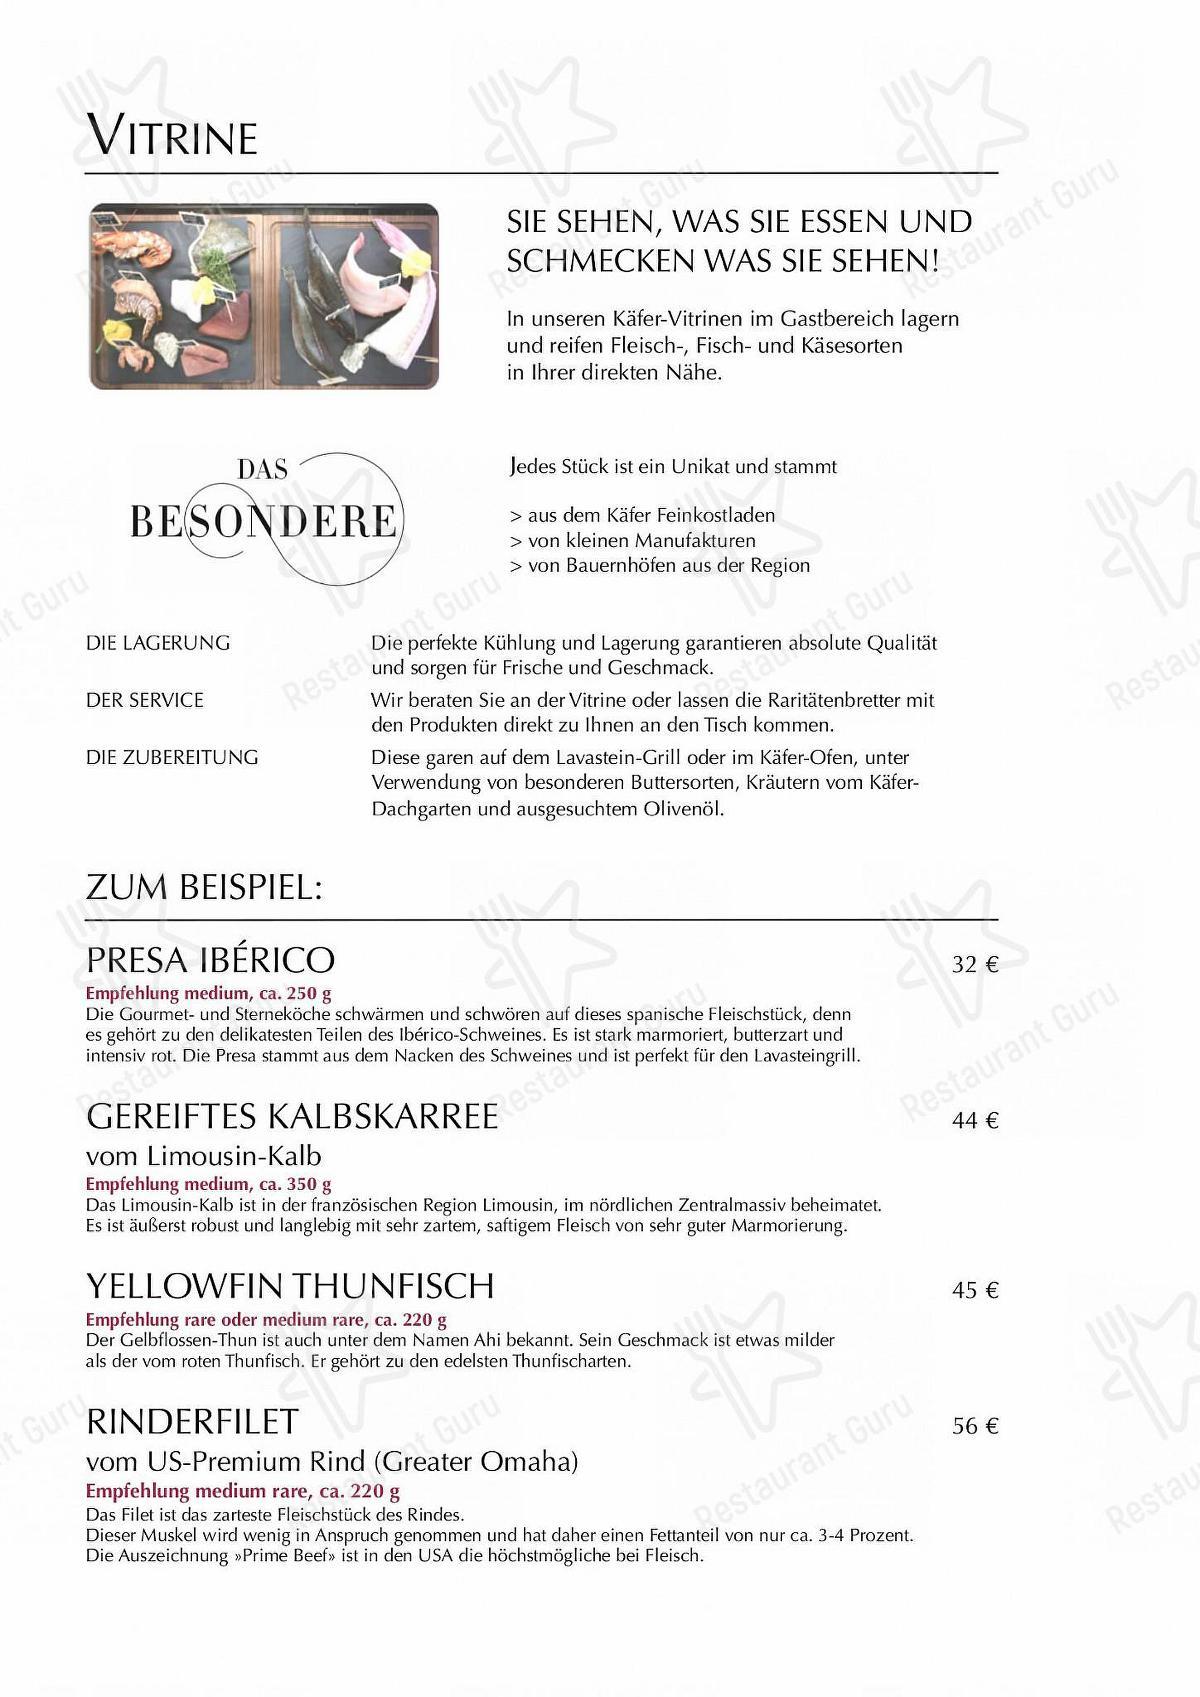 Käfer-Schänke Speisekarte - Gerichte und Getränke